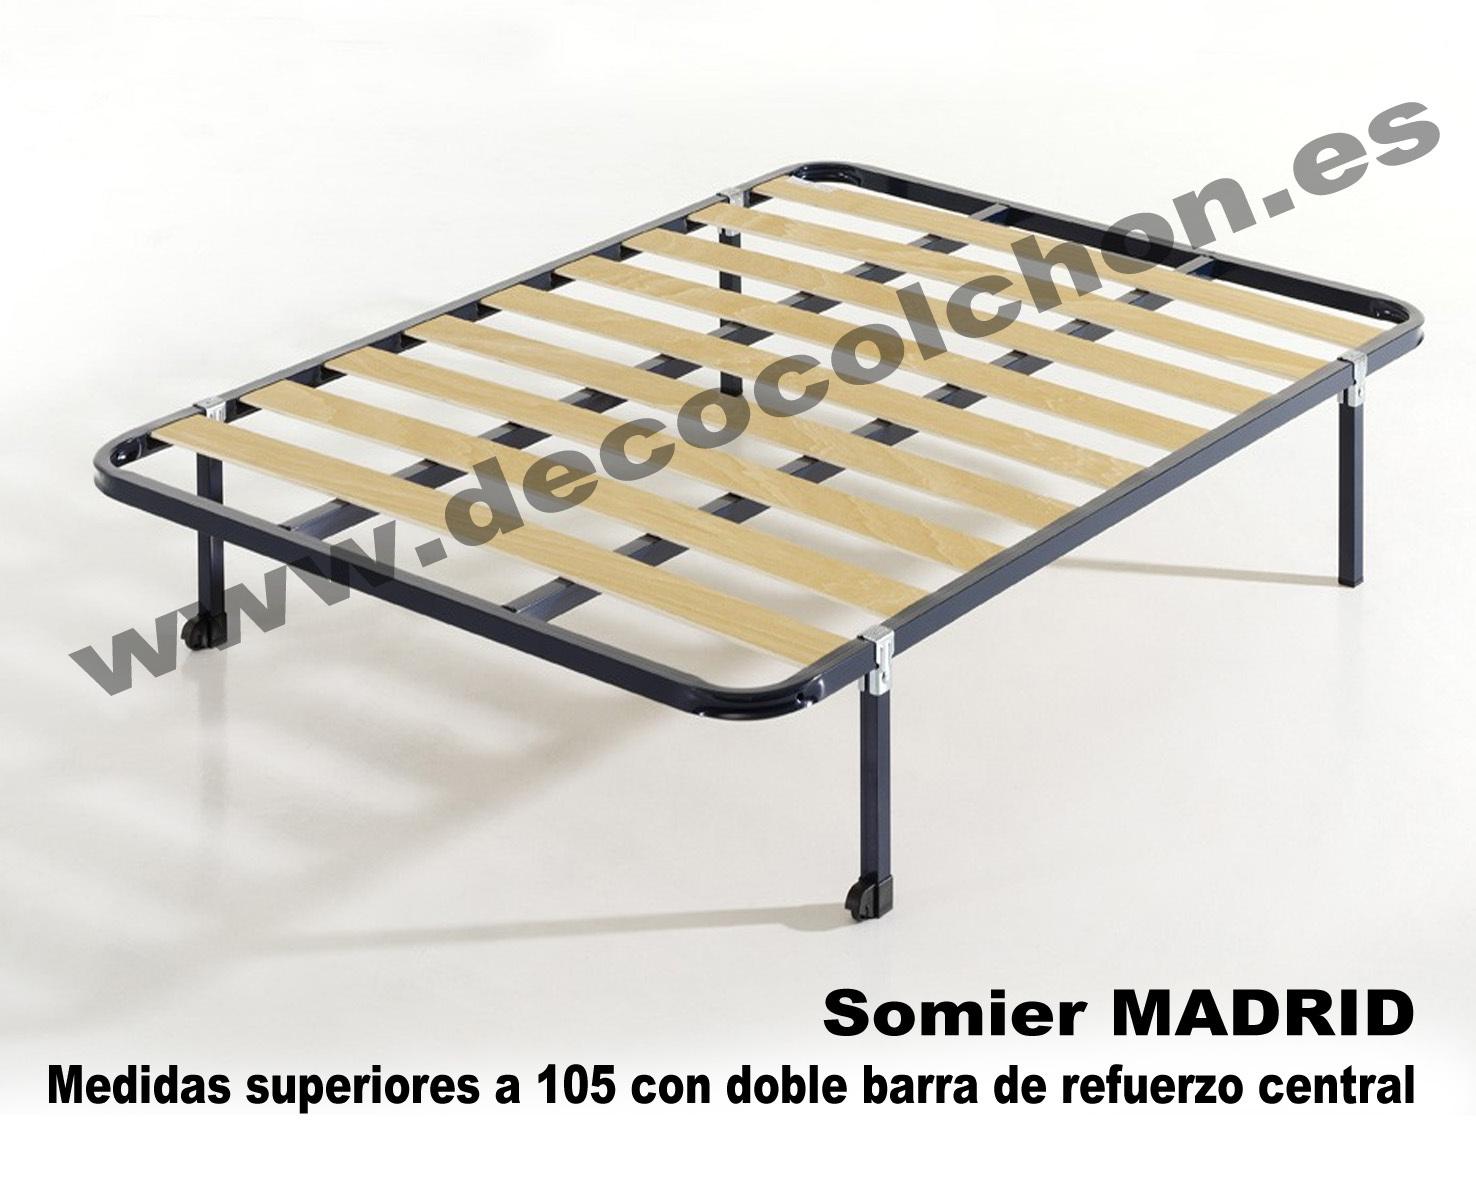 SOMIER MADRID | Somier, base, canapé, camas y colchones